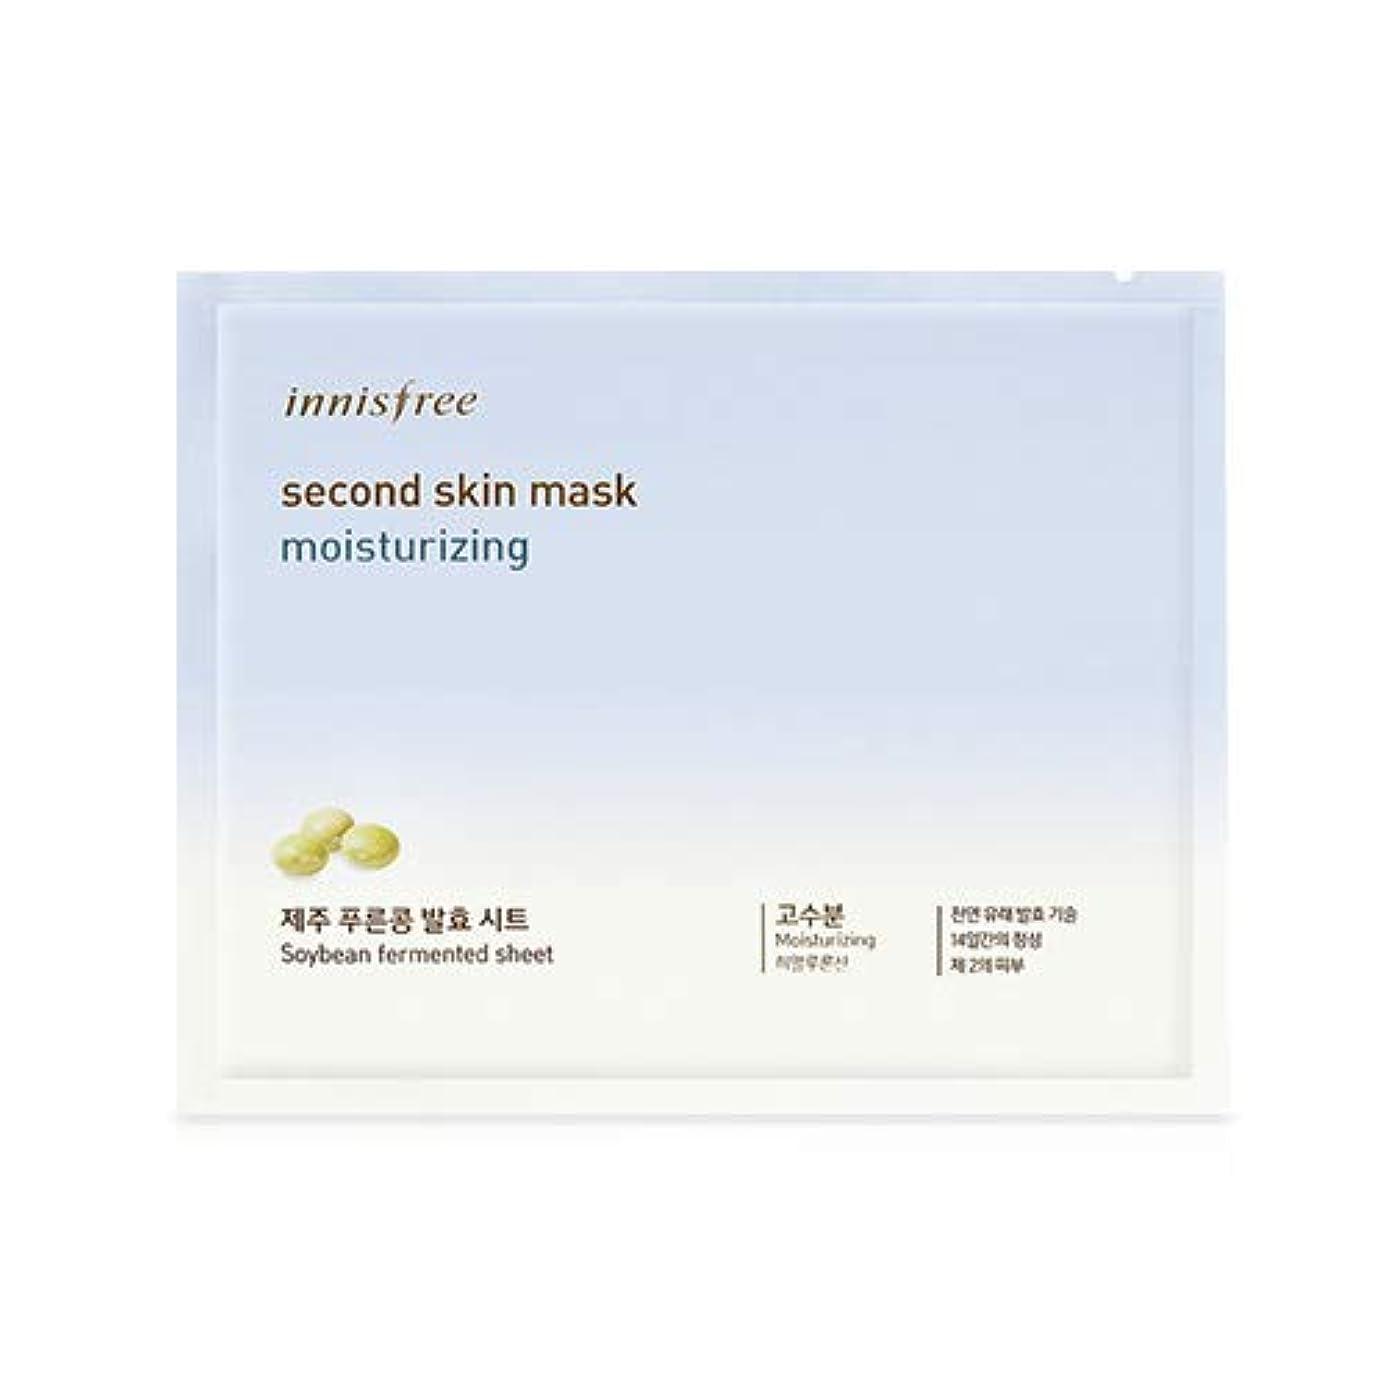 該当する例示するくま[Original] イニスフリーセカンドスキンマスクシート20g x 3個 - モイスチャライジング/Innisfree Second Skin Mask Sheet 20g x 3pcs - Moisturizing...